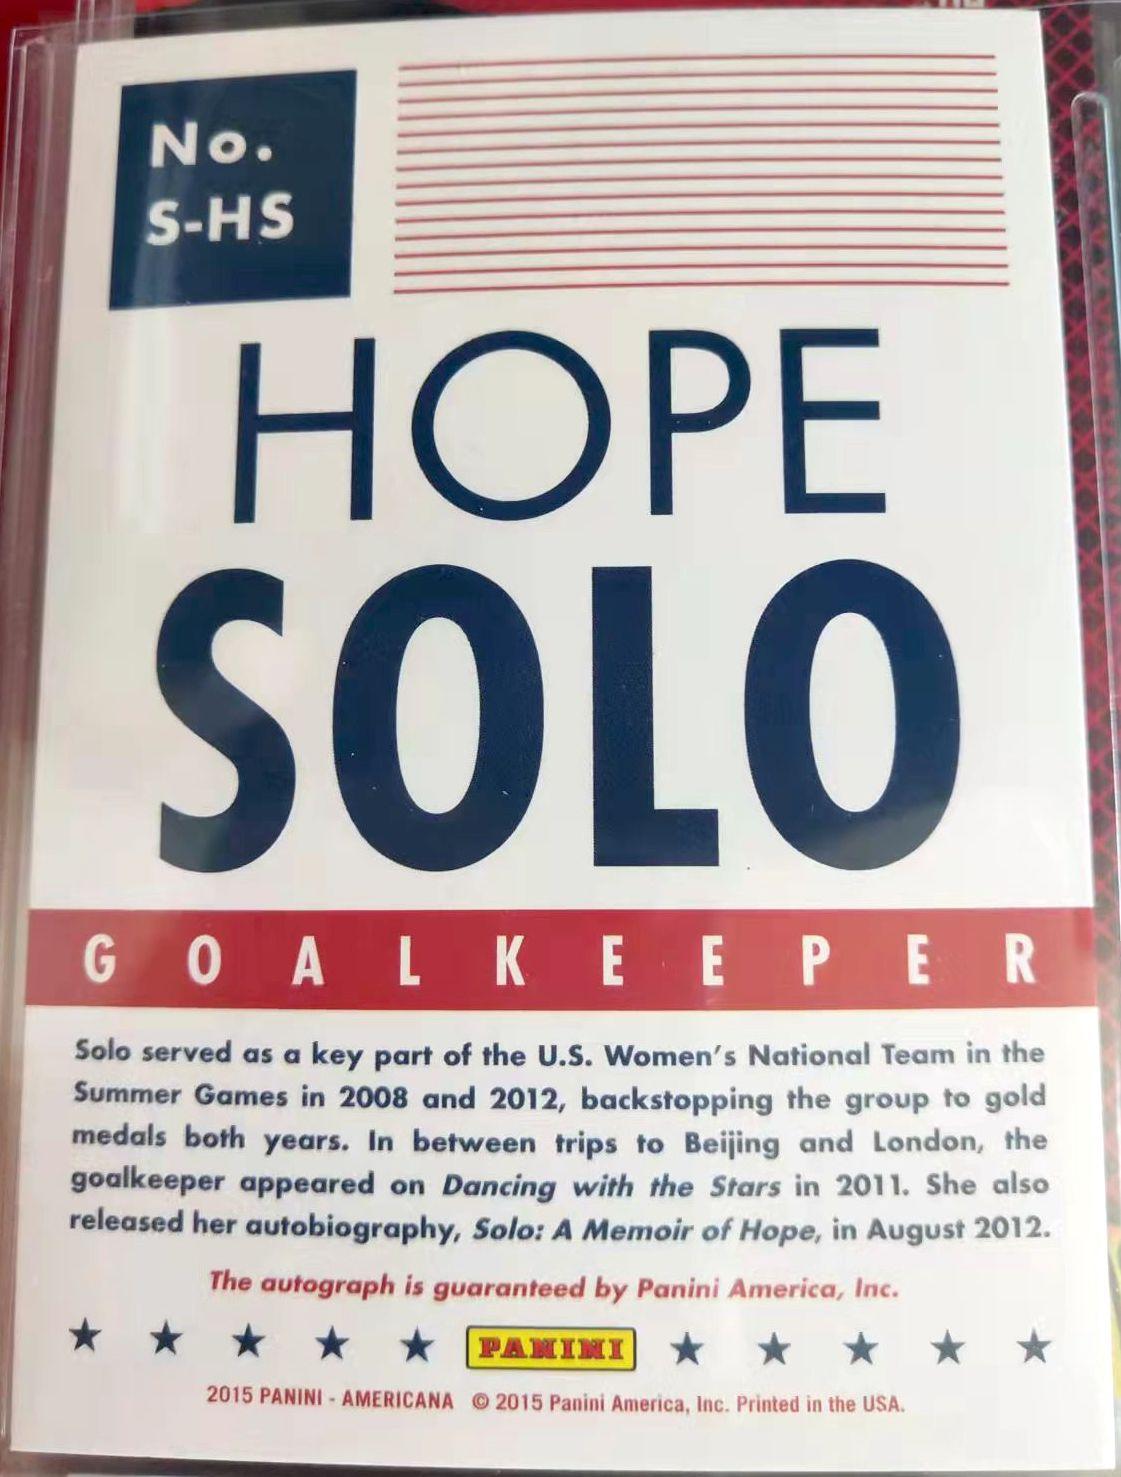 帕尼尼 PANINI Americana Hope Solo 霍普 索洛 签字 美国女足 世界杯 奥运会 冠军